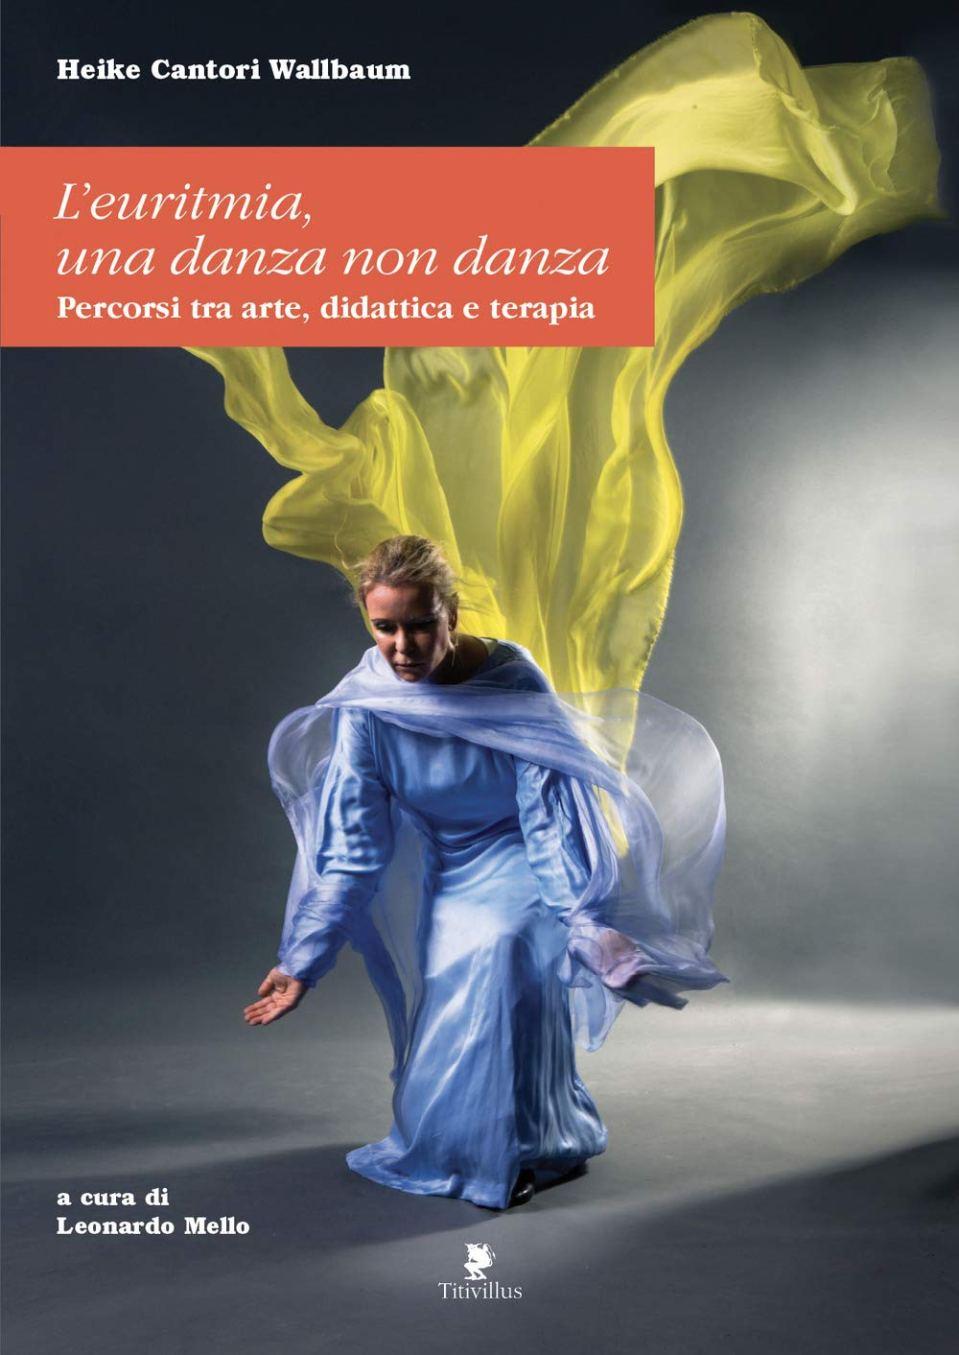 L'Euritmia. Una danza non danza. Percorsi tra arte, didattica e terapia. Book Cover